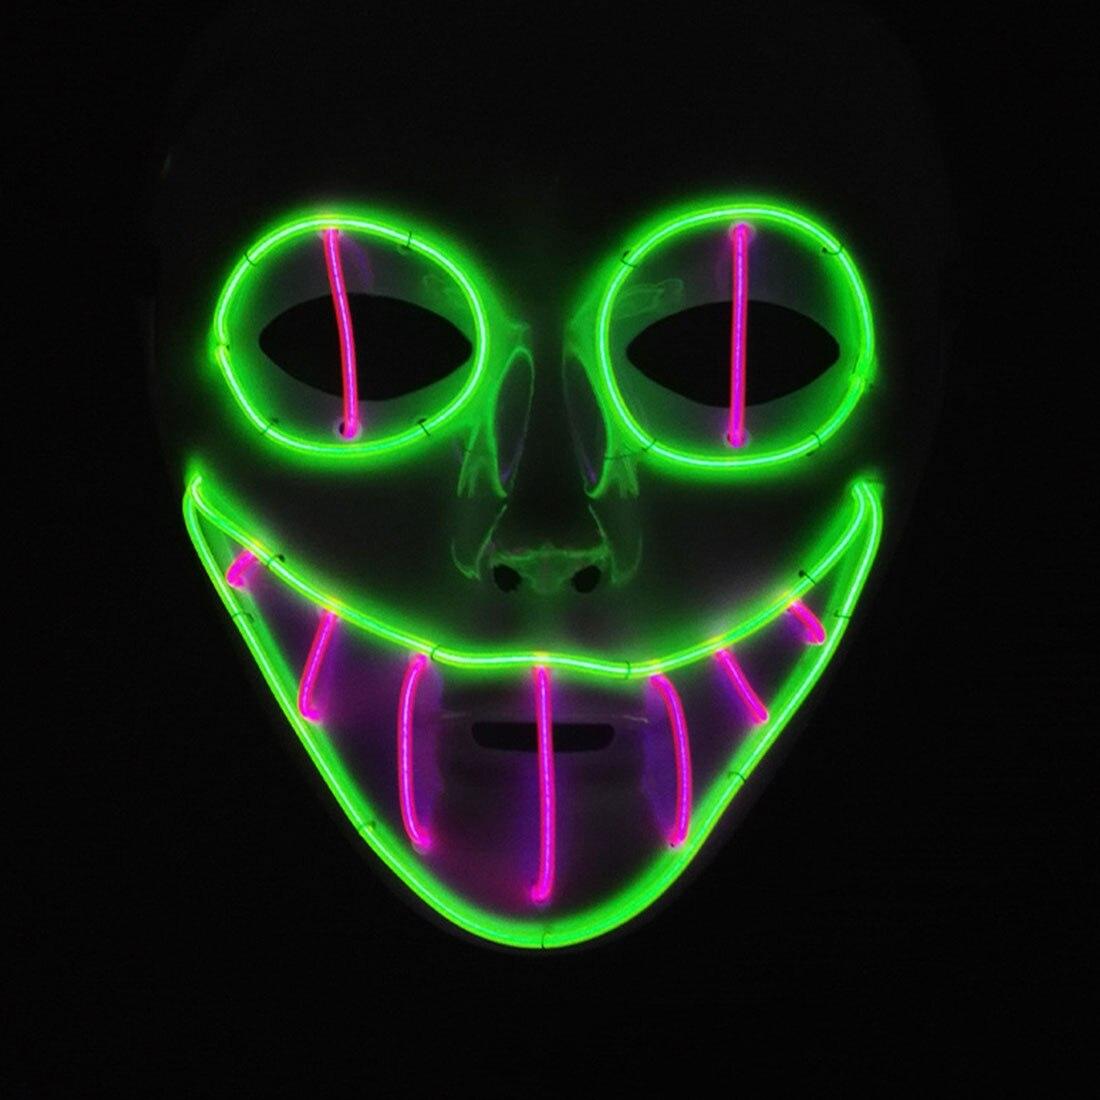 Máscara de Halloween LED ilumina la máscara el Purge Election año gran Festival Cosplay suministros máscaras del partido resplandor en oscuro 6 forma